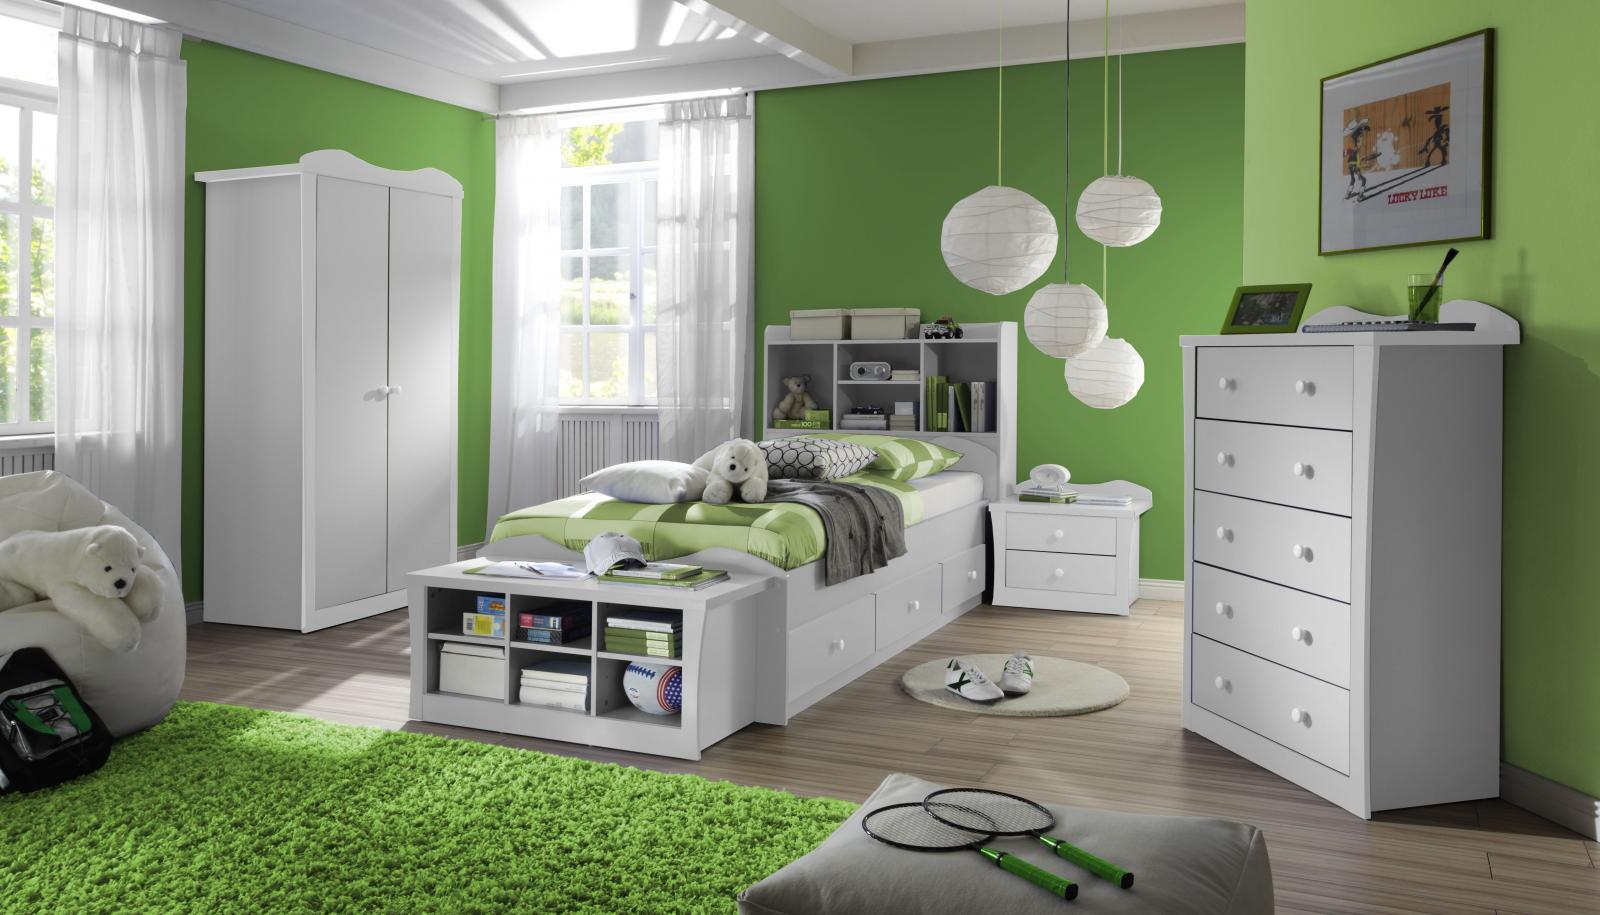 Dormitorio Para Ni Os Color Verde Dormitorios Colores Y Estilos